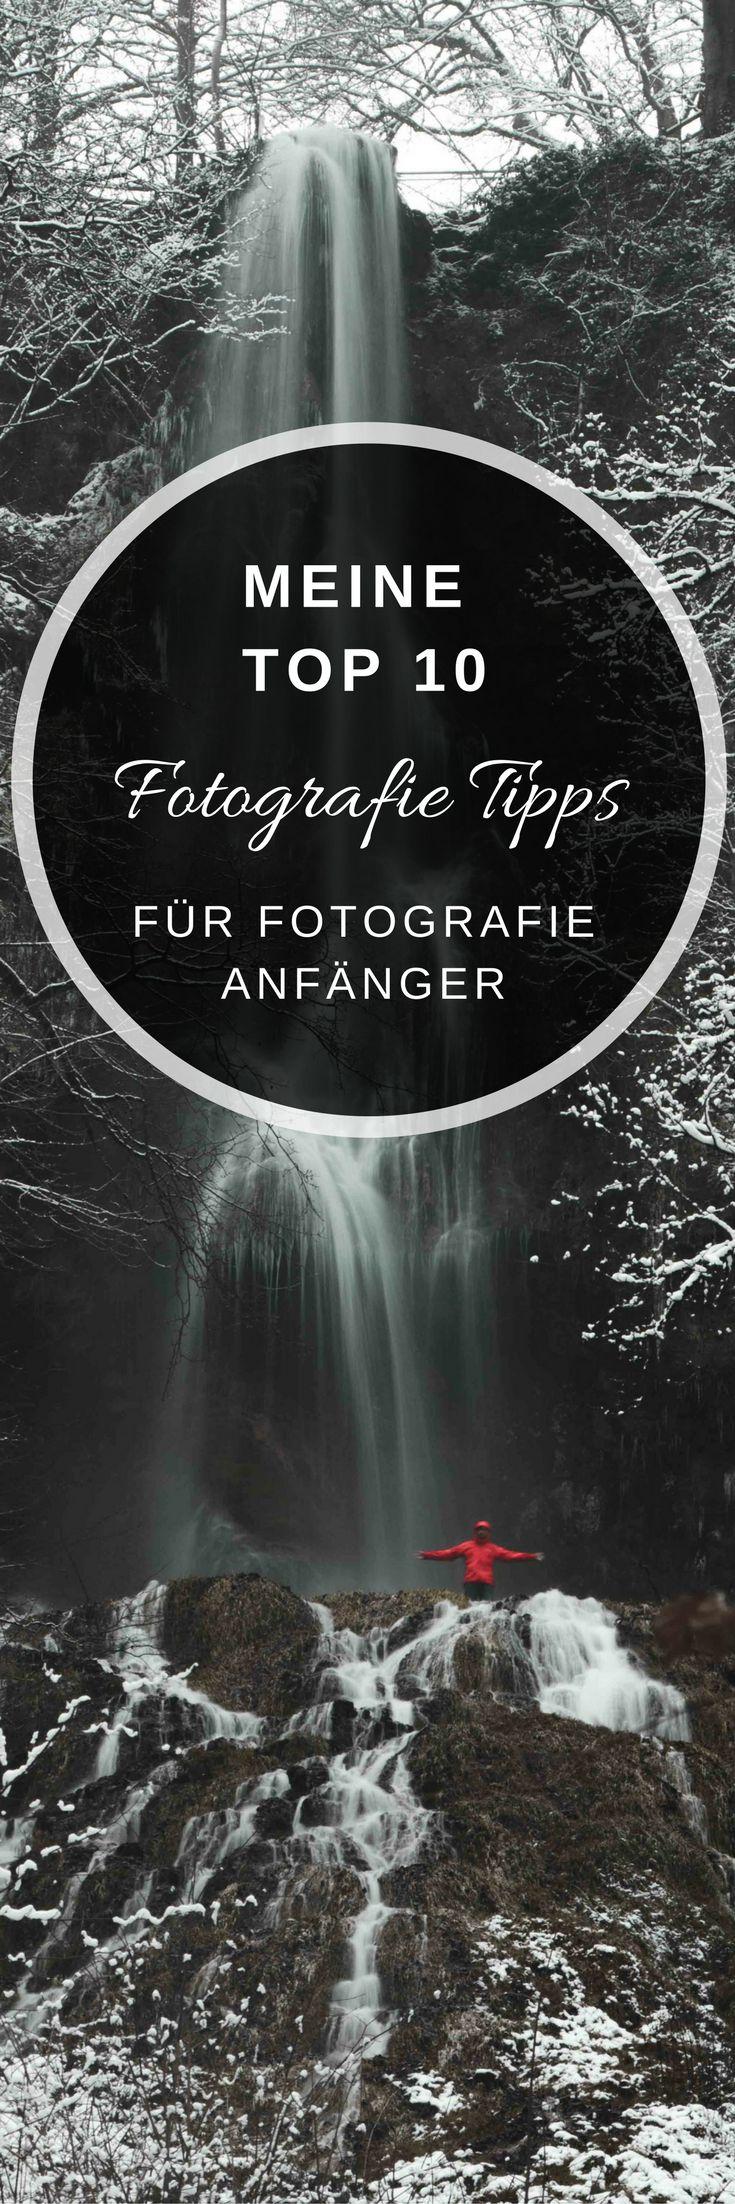 Meine Top 10 Tipps für Fotografie Anfänger, auch auf Reisen. Los geht's!